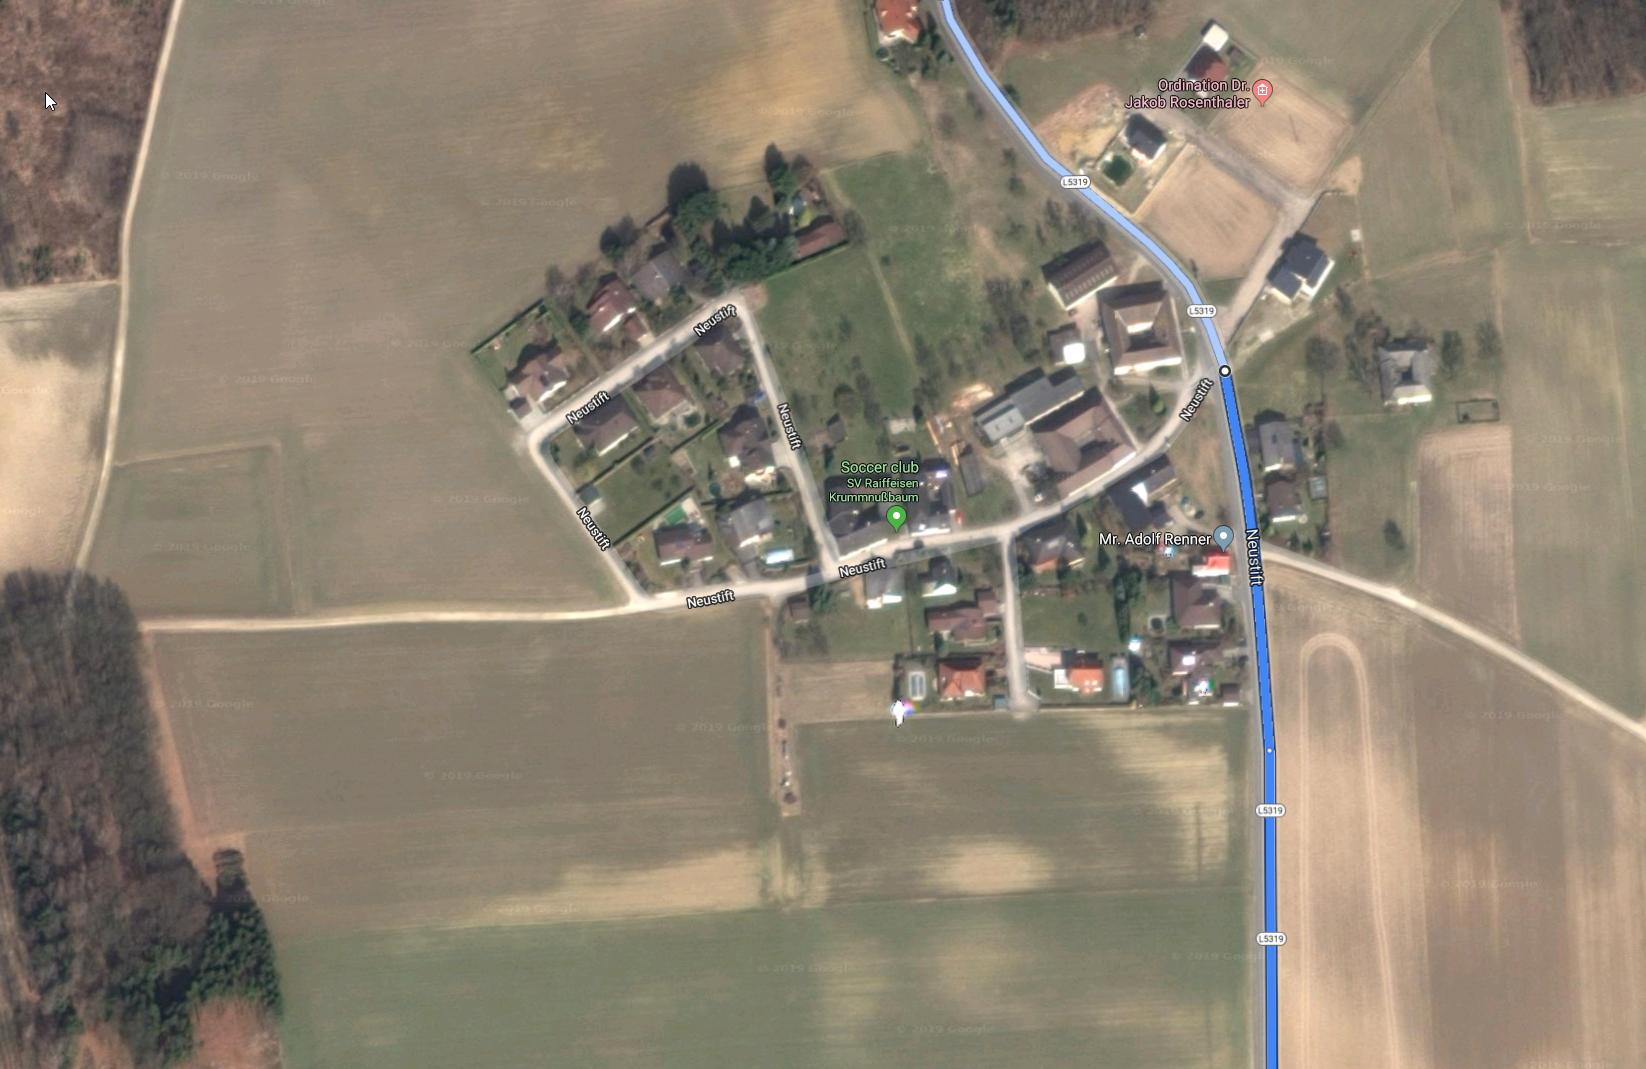 Karte Mit Hausnummern.Hausnummer In Karte Hinzufügen Google Maps Hilfe